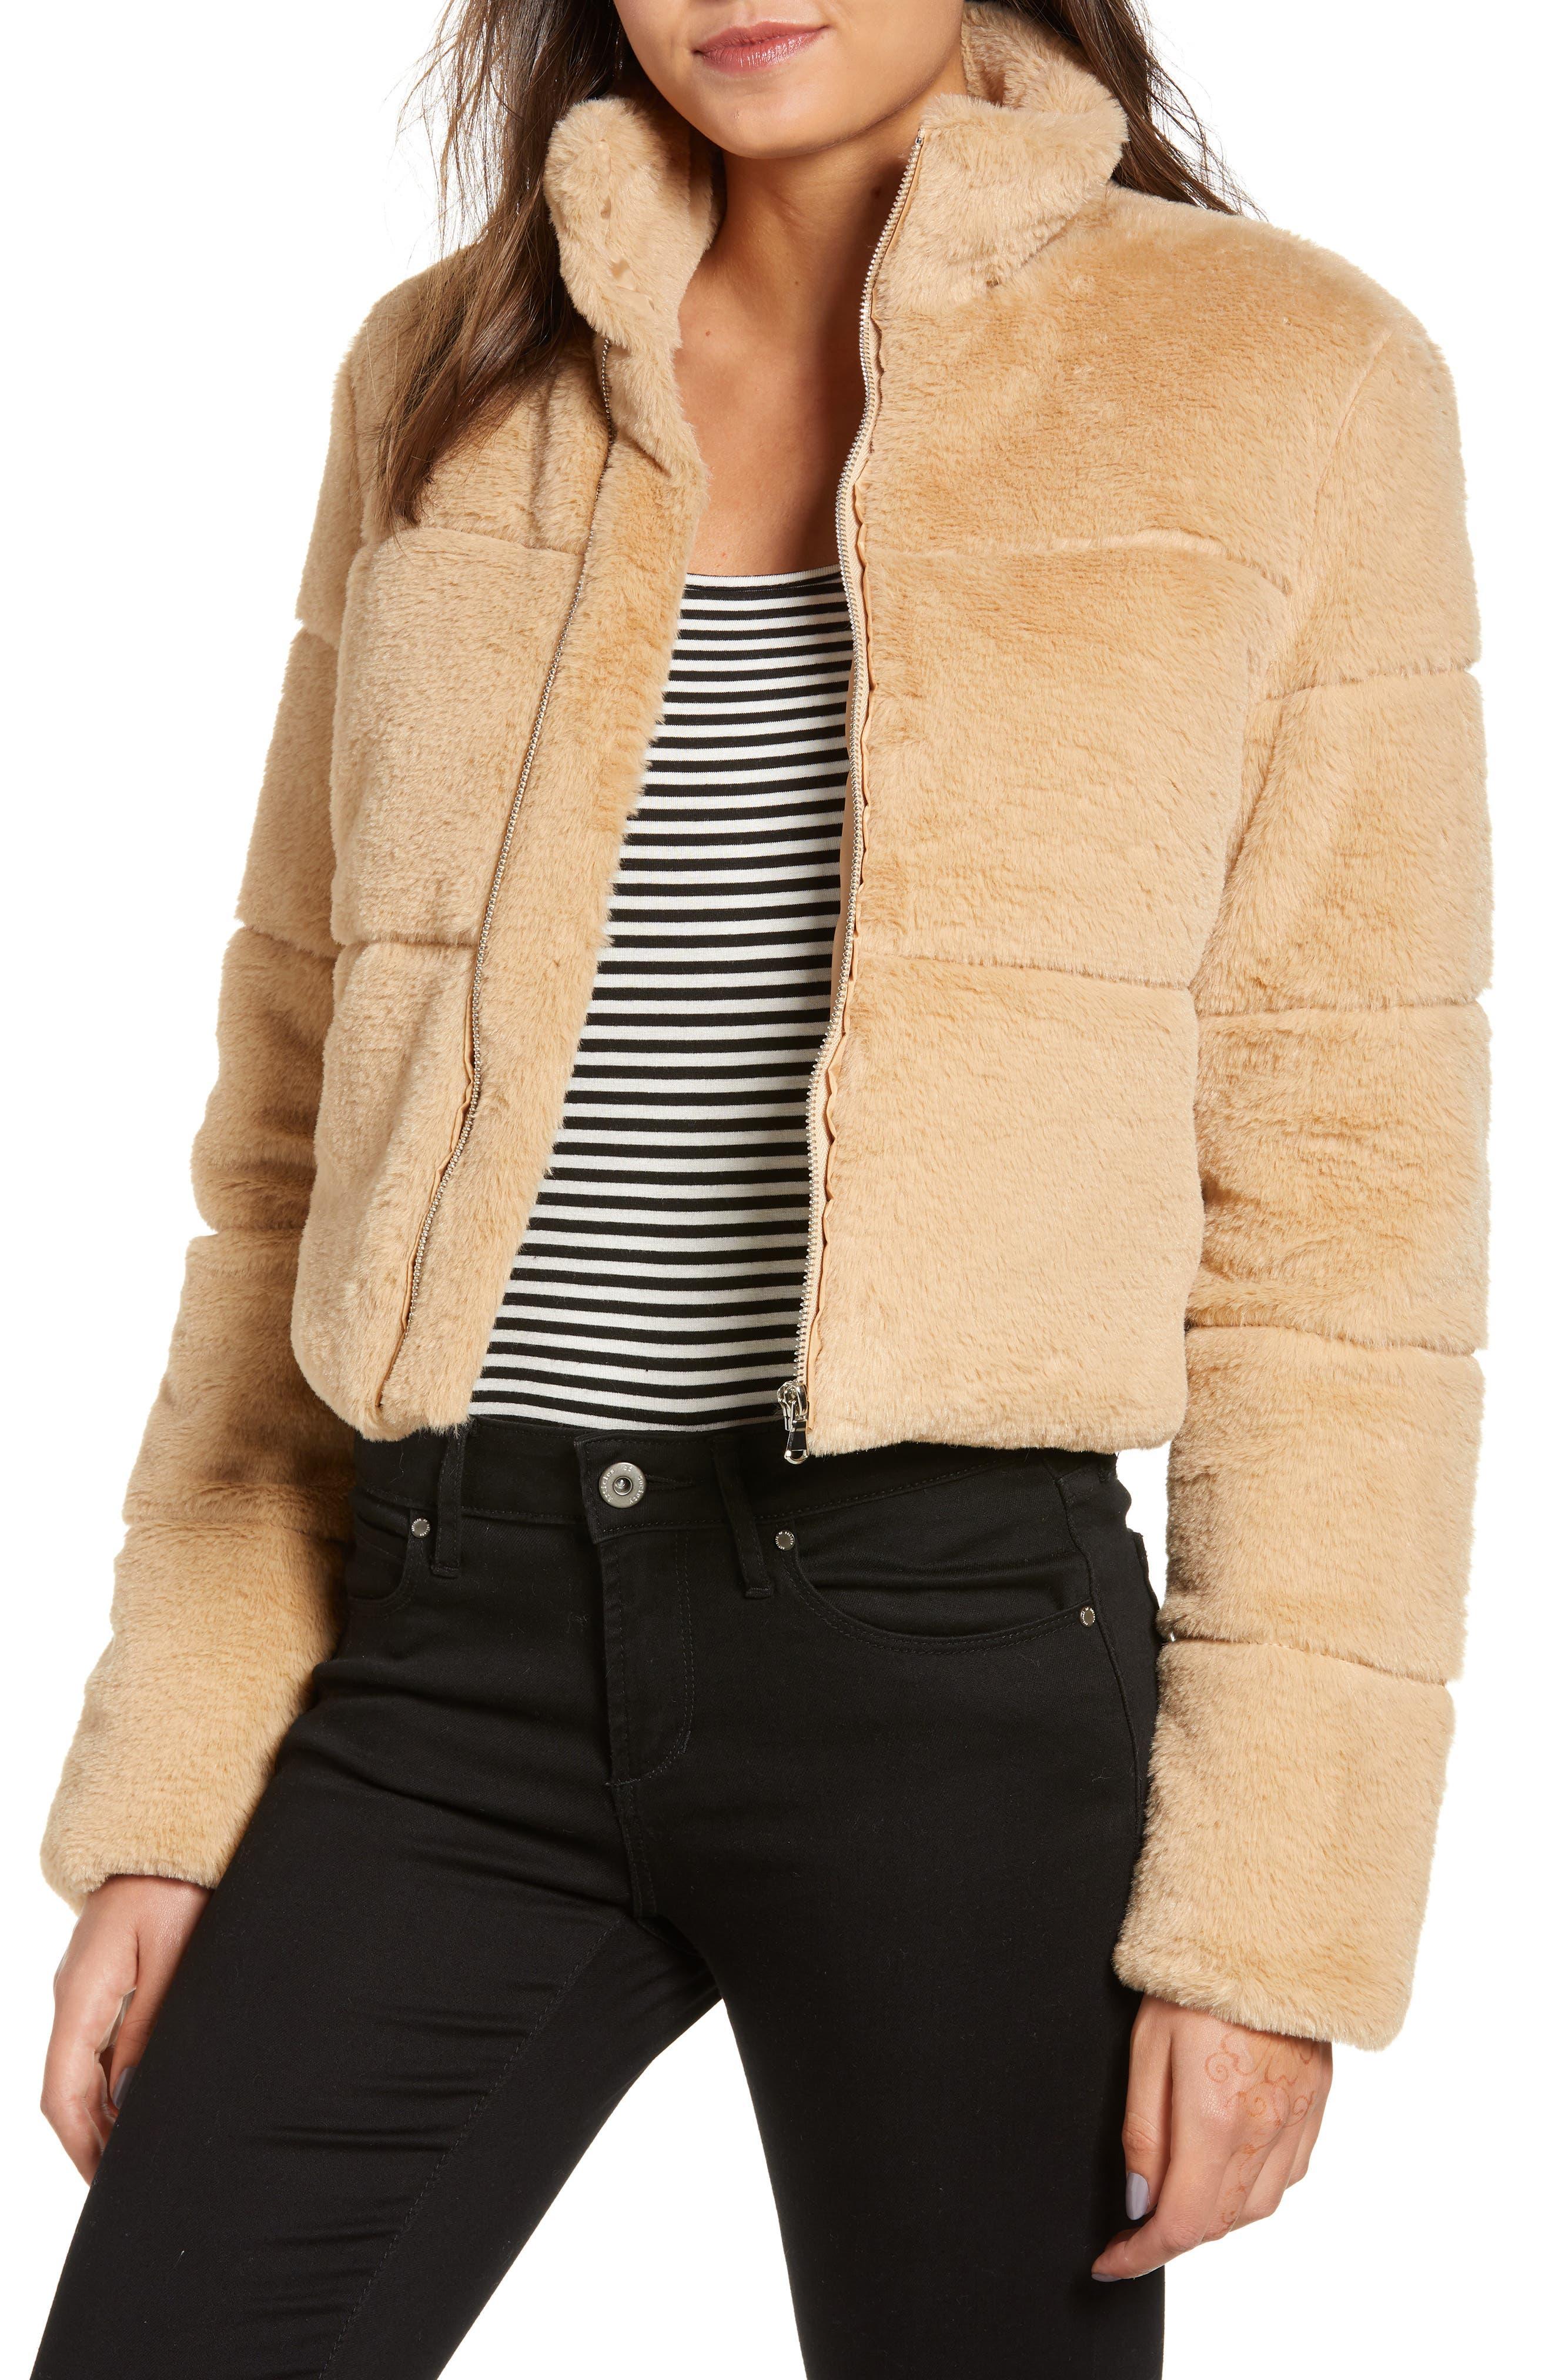 TIGER MIST, Bridget Faux Fur Puffer Jacket, Main thumbnail 1, color, 250